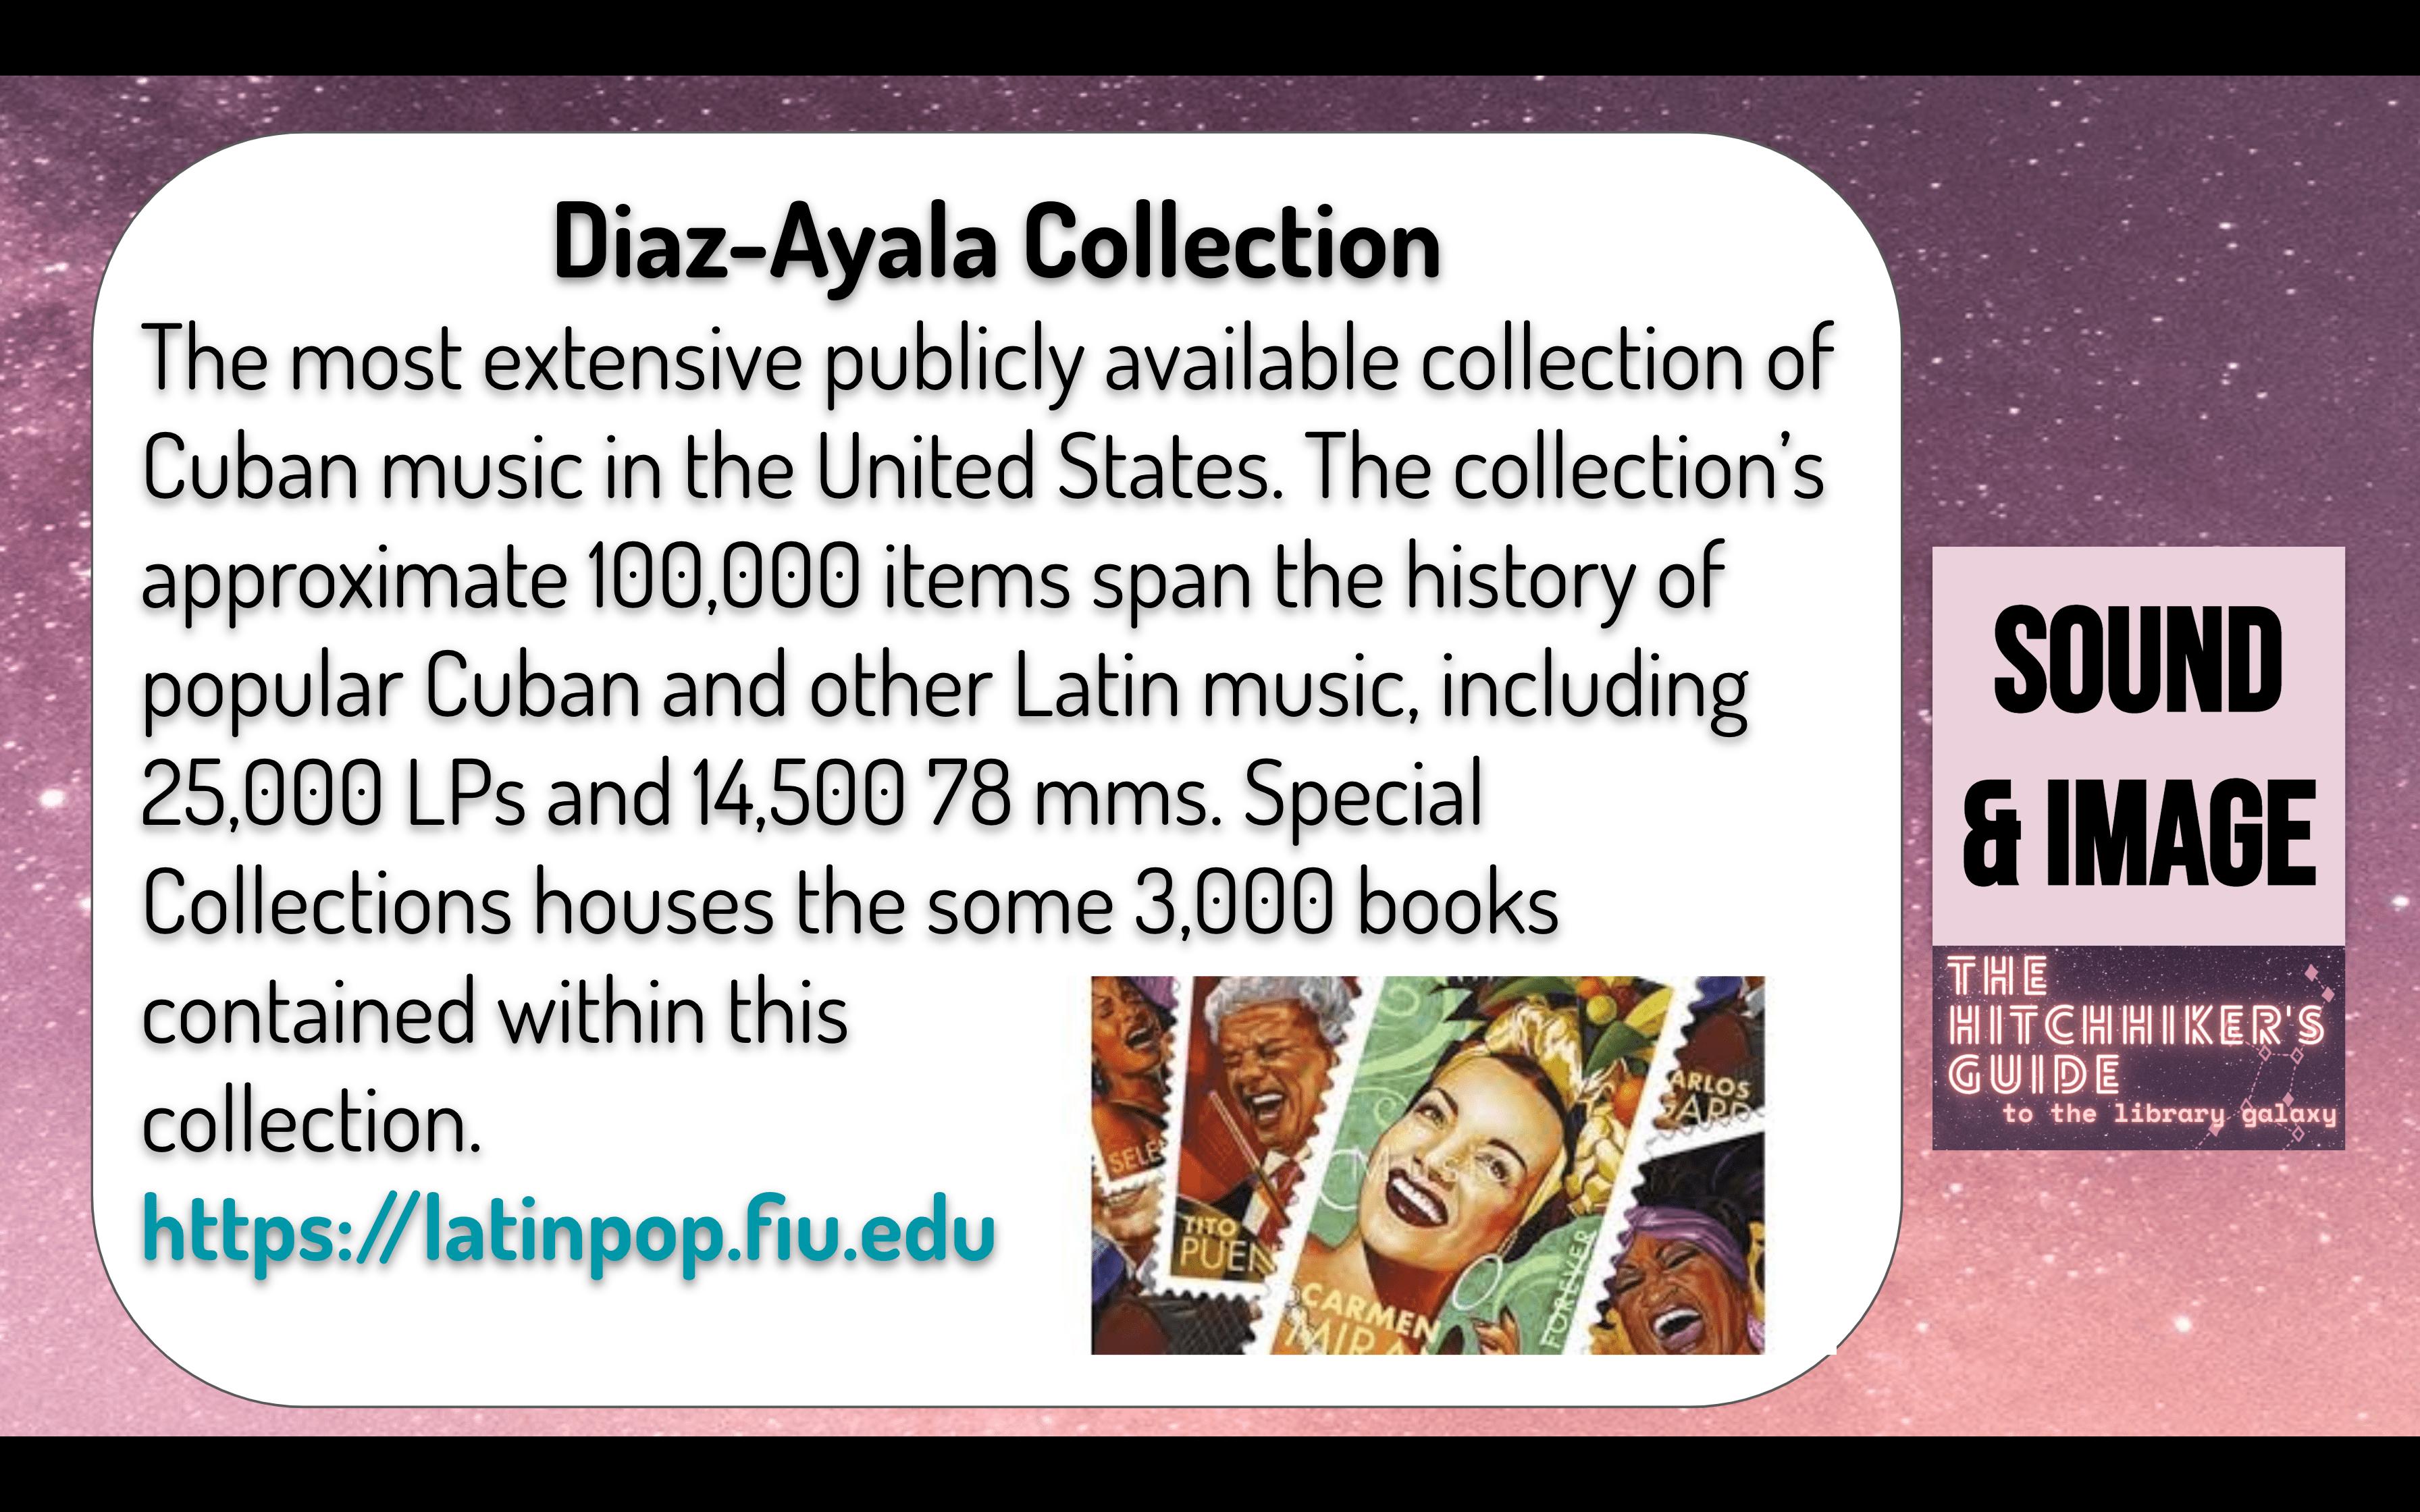 Diaz Ayala Collection